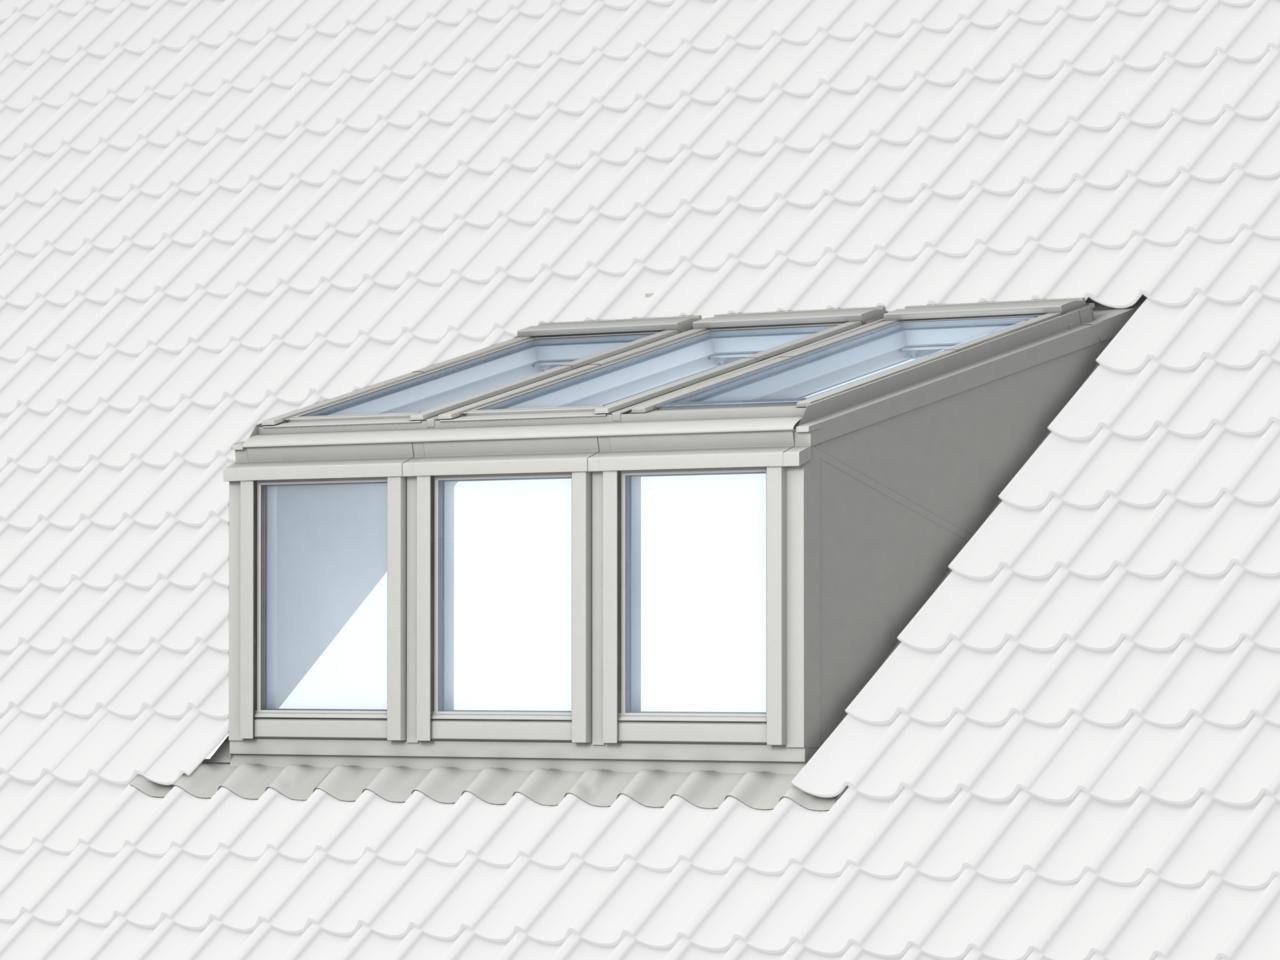 Posizionamento e misure delle finestre per tetti - Finestre sui tetti ...